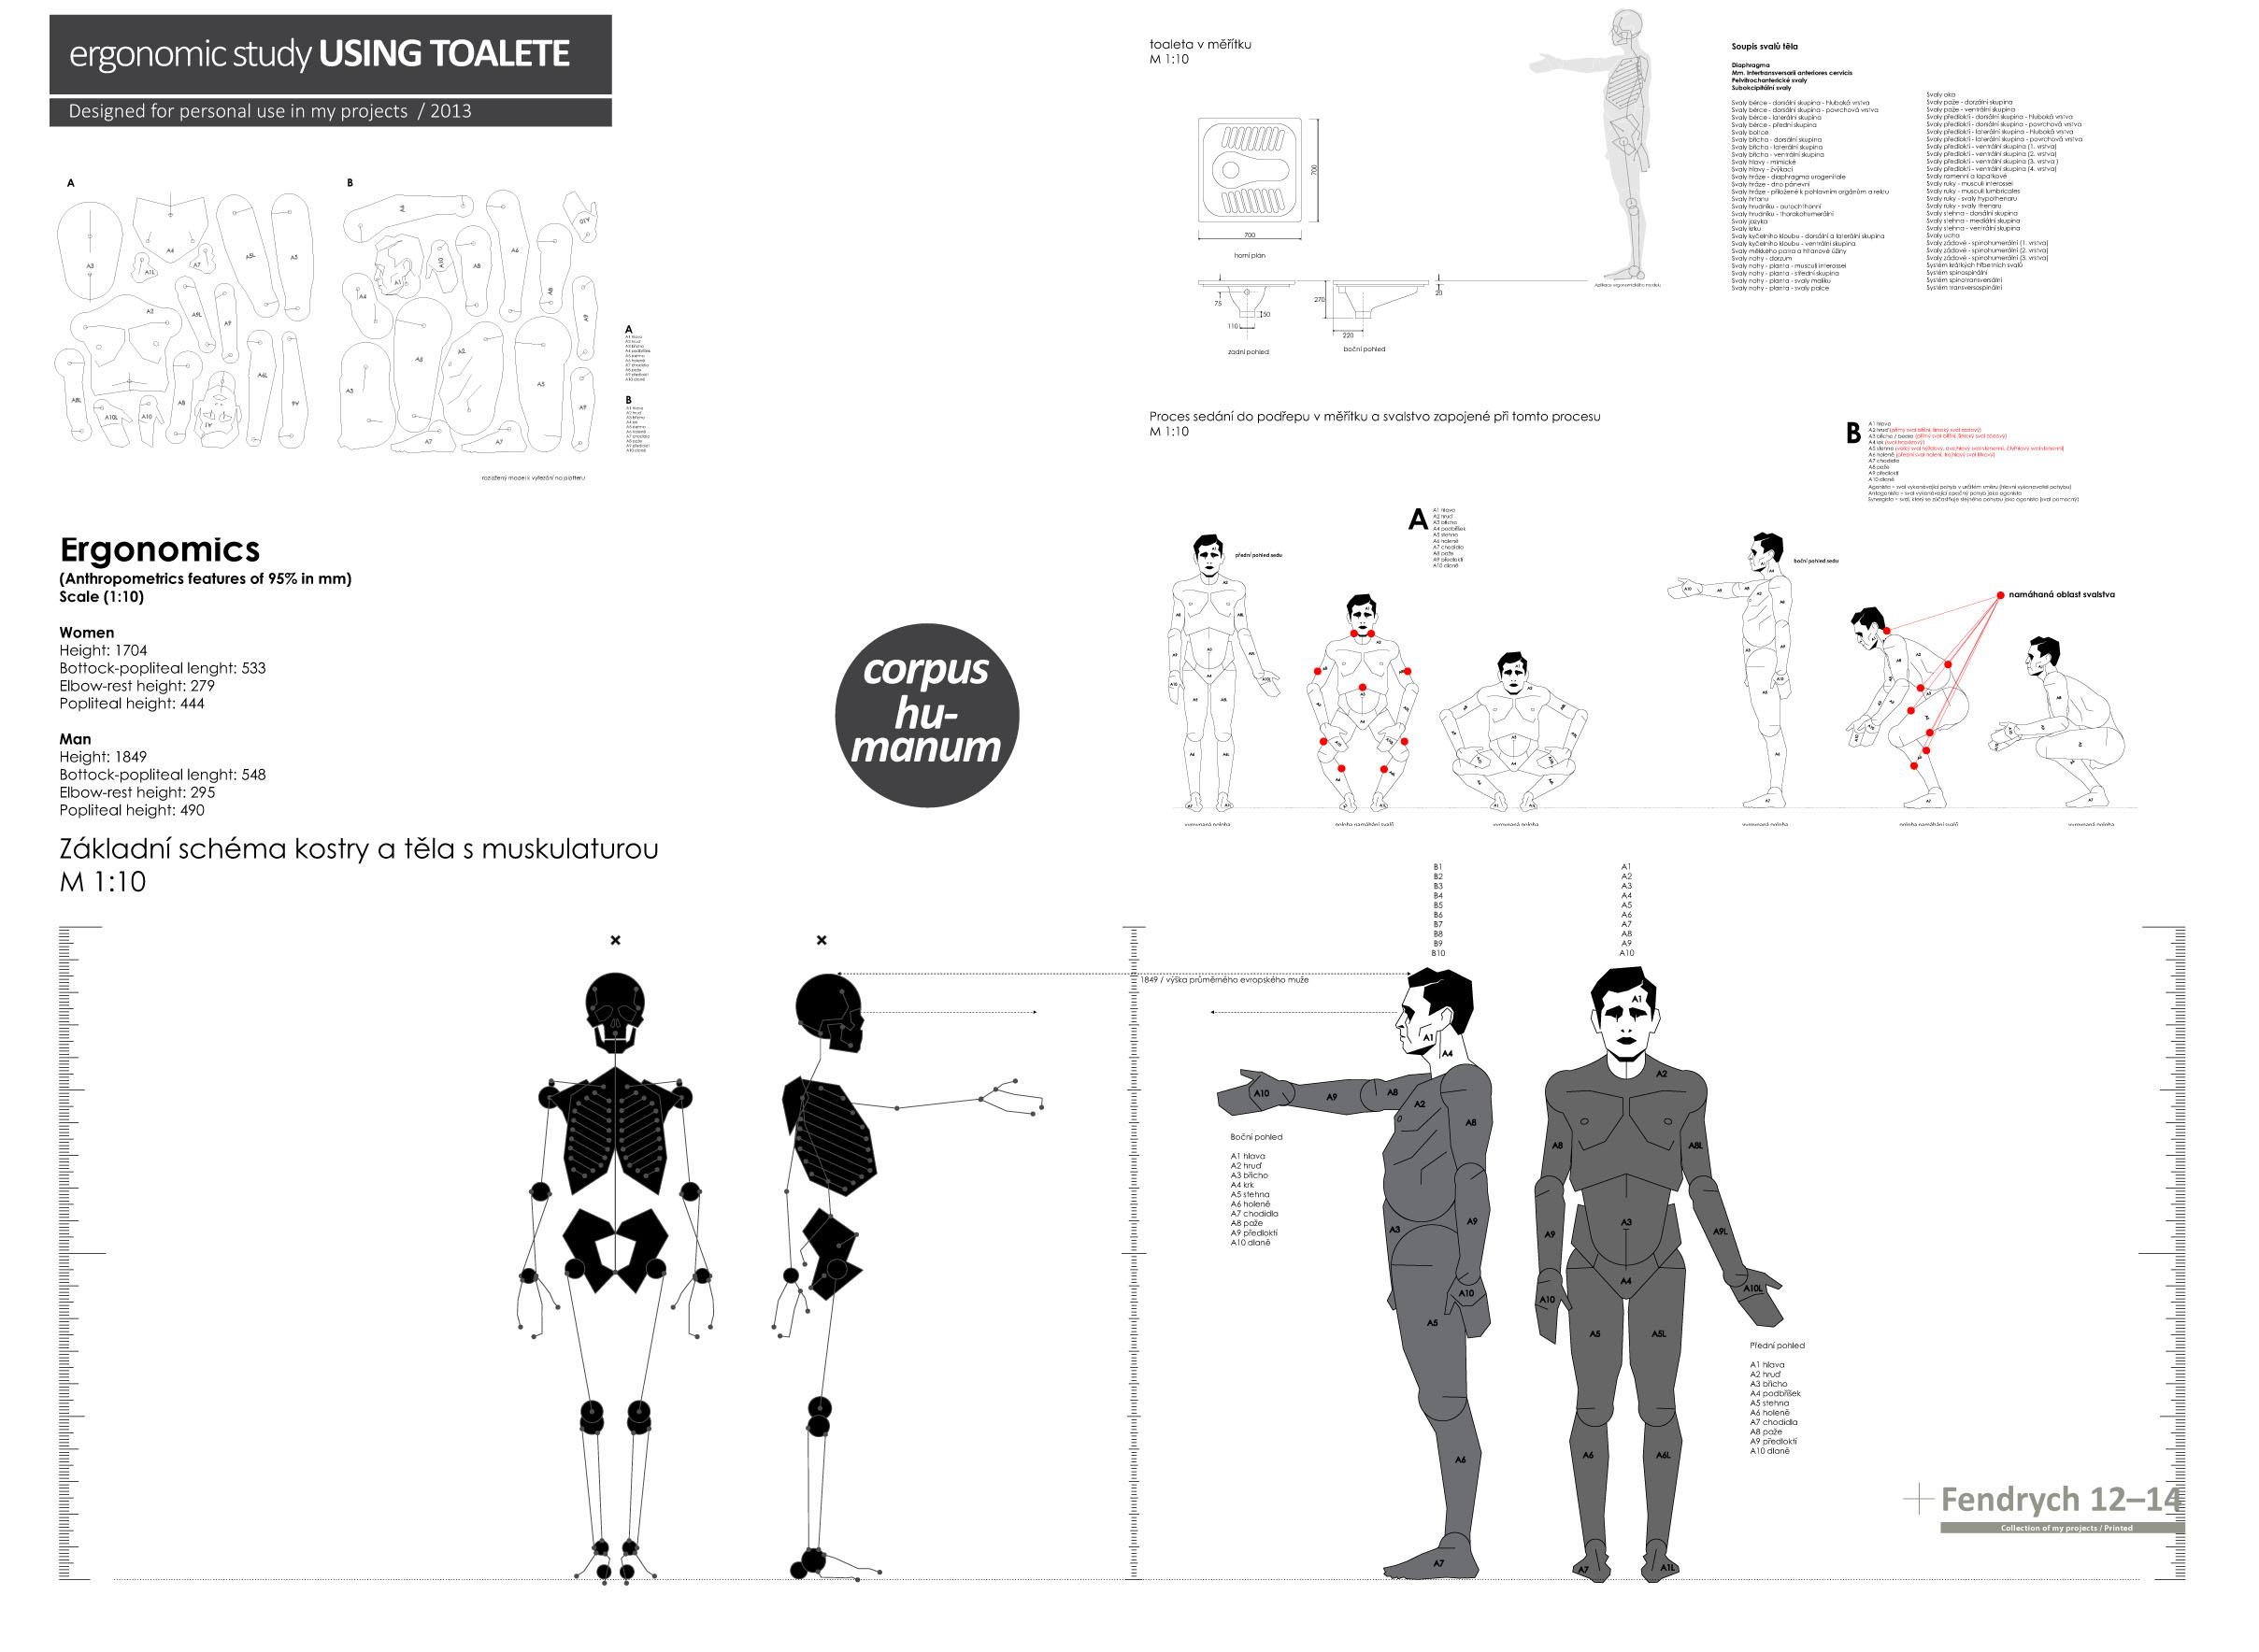 vít_fendrych_portfolio_12-14_print2-21_copy.jpg